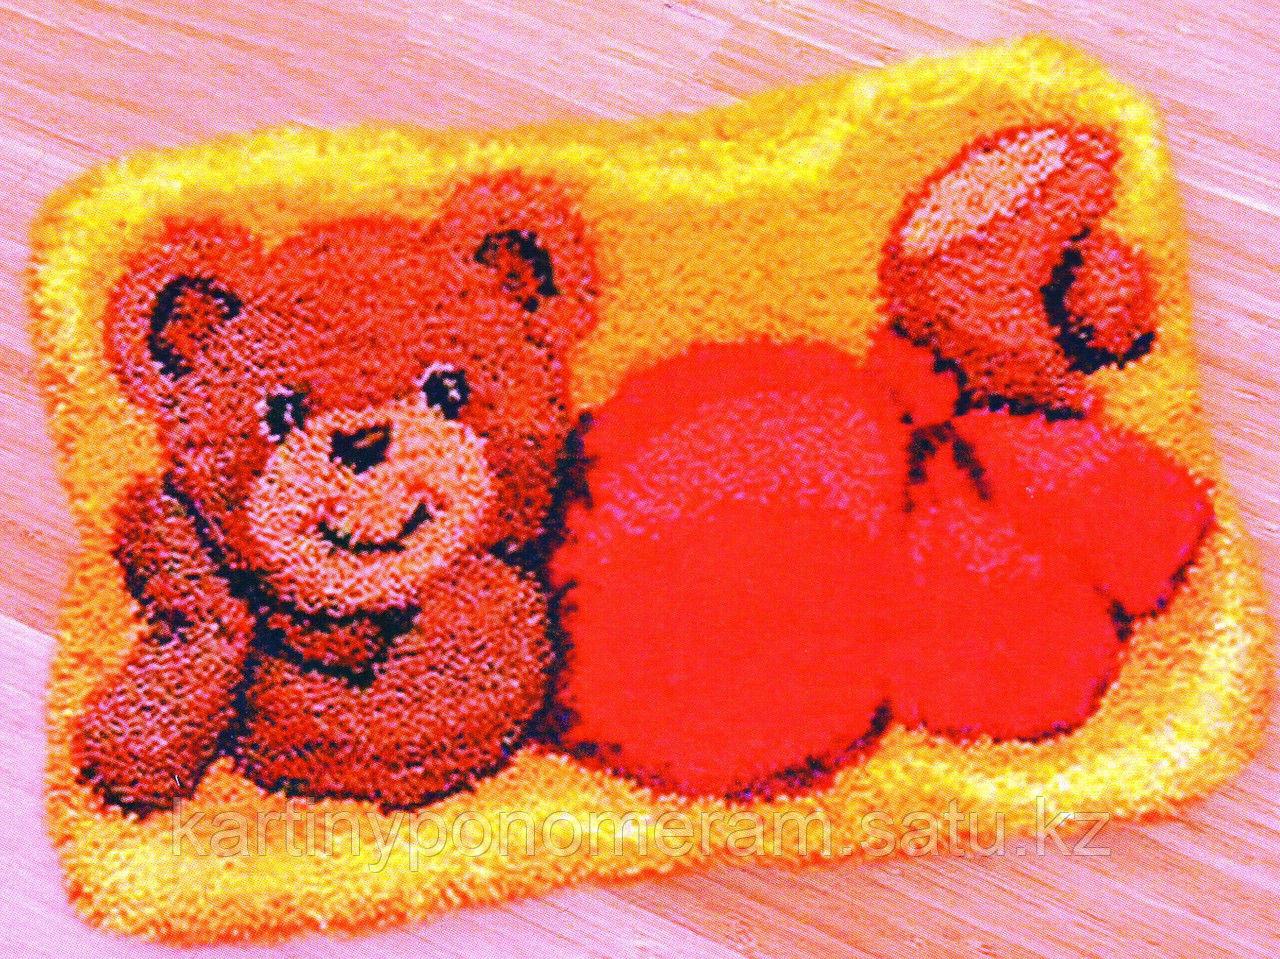 Вышивка в ковровой технике ZD005, 52x38см